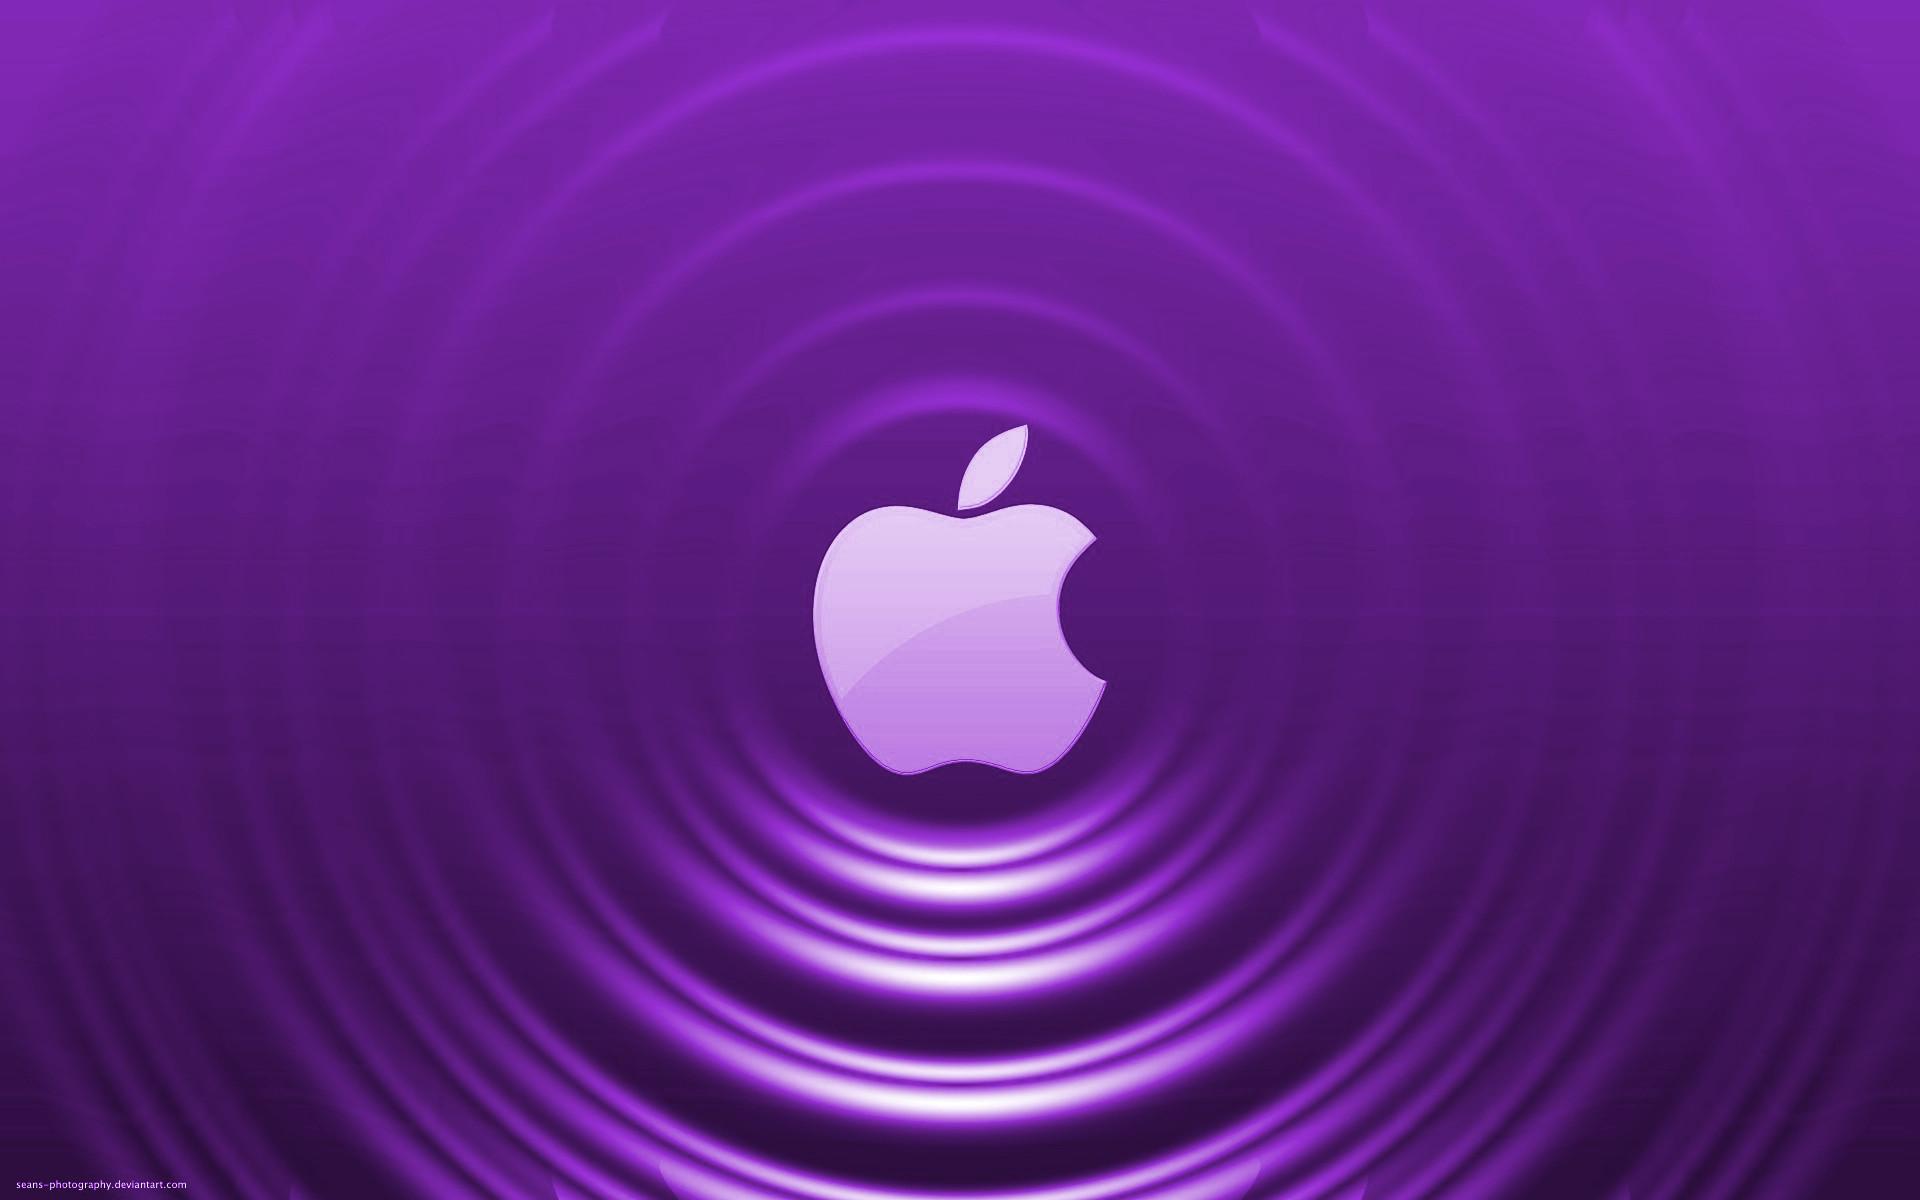 purple   Smoke Blue Purple – Full HD Apple Wallpapers   Purple   Pinterest    Hd apple wallpapers, Apple wallpaper and Smoke